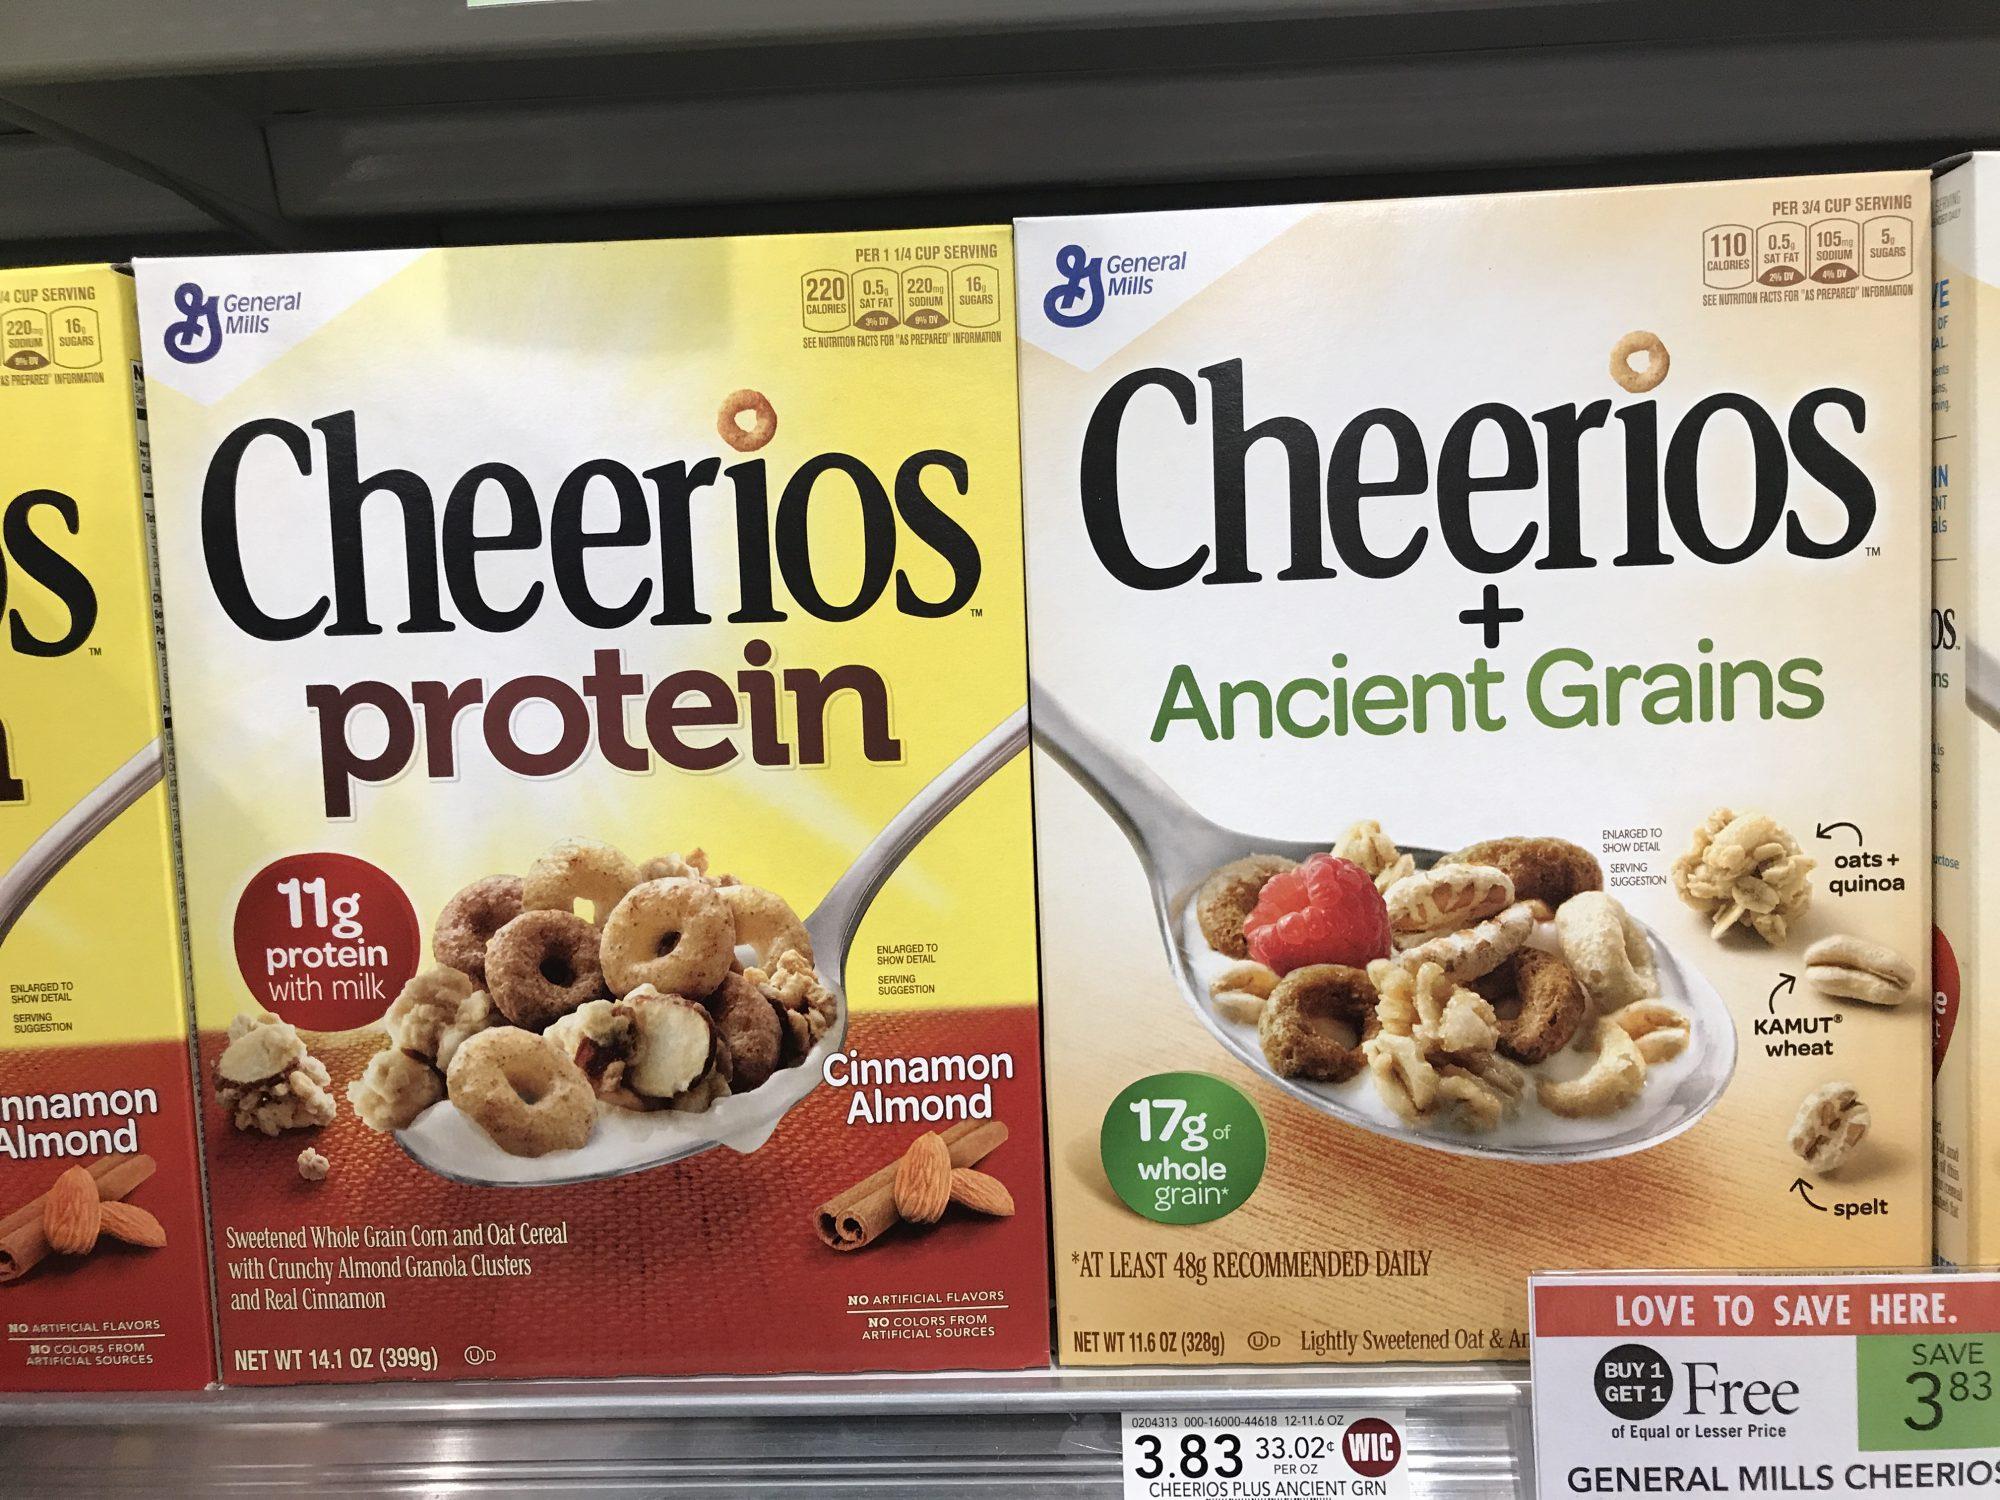 Cheerios image